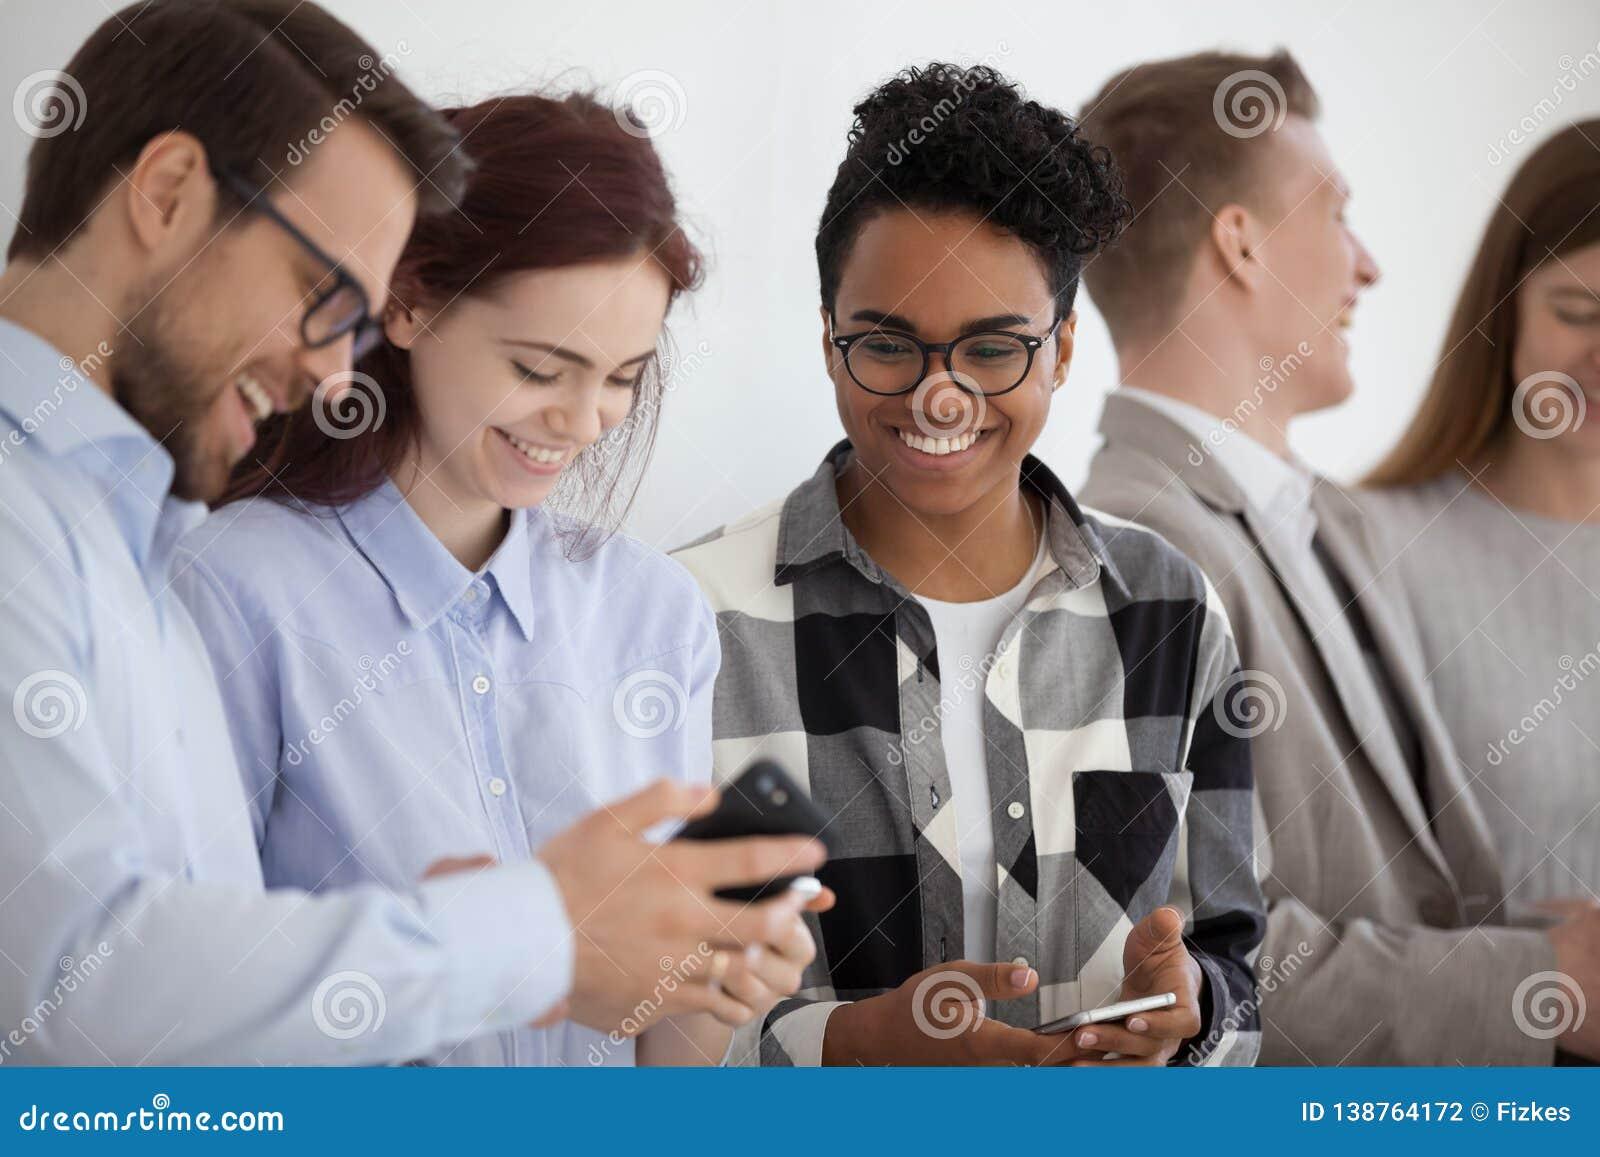 Glimlachende multi-etnische mensen die telefoons houden die pret met mobiele apparaten hebben